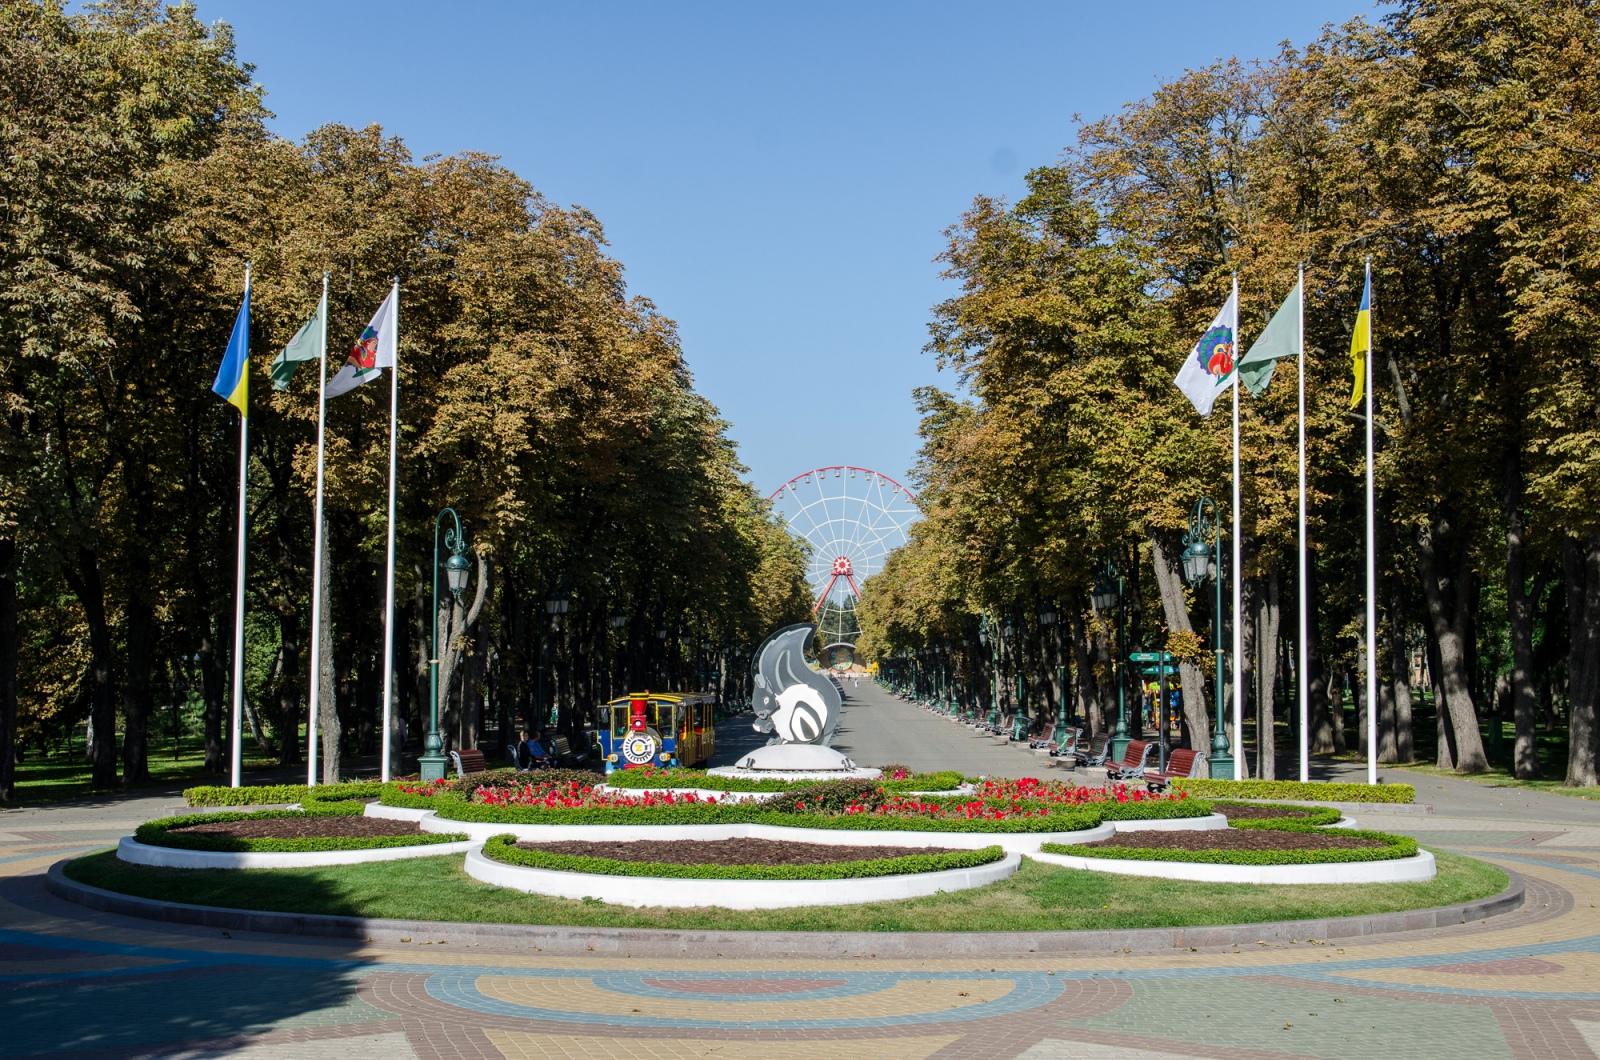 http://img.pravda.com/images/doc/d/9/d9ac7db-kharkiv-2.jpg